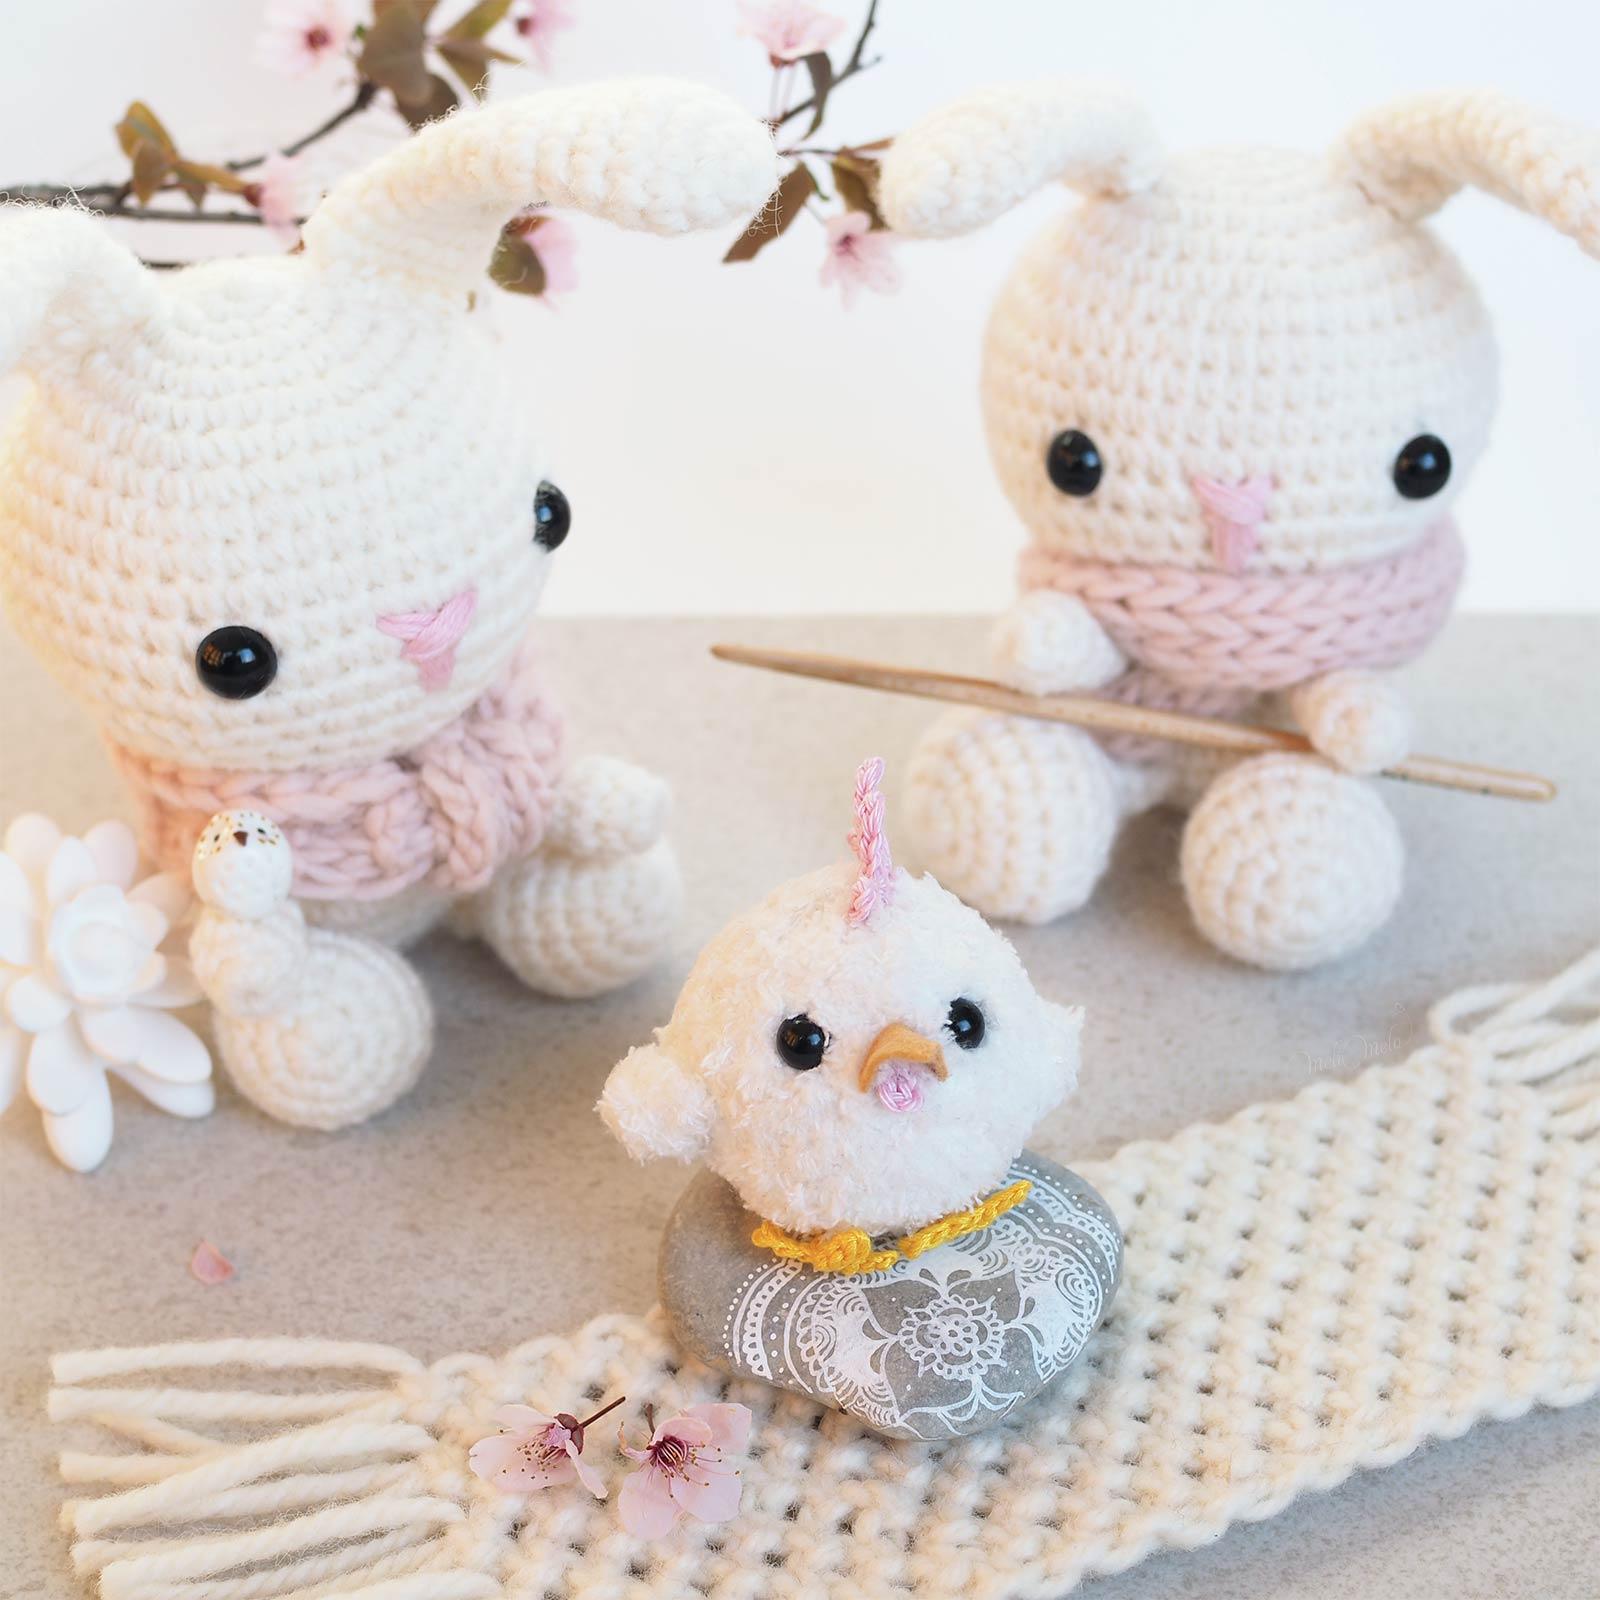 mignonnerie lapins poussin crochet printemps Pâques laboutiquedemelimelo